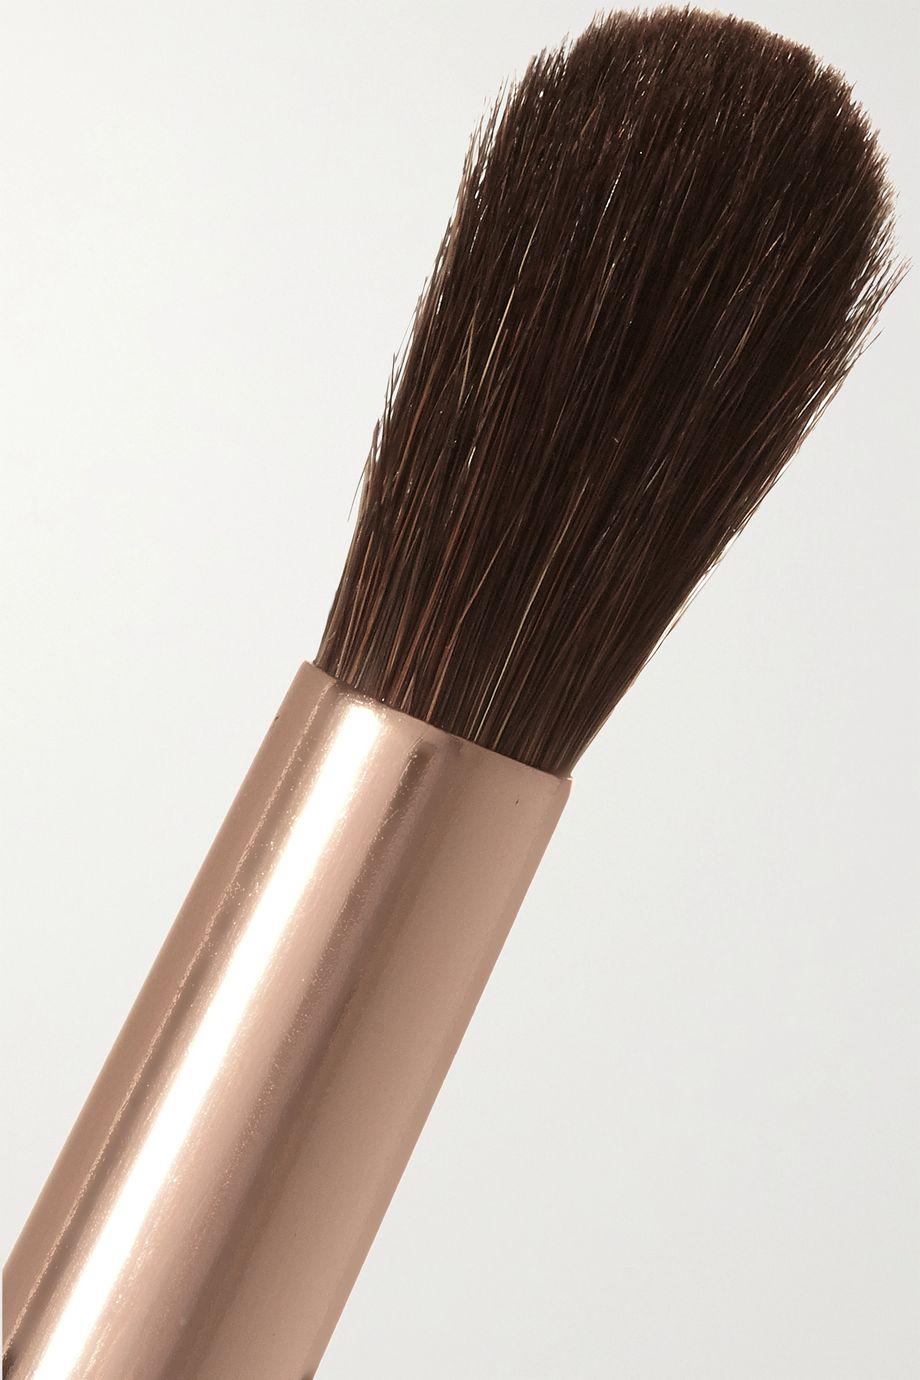 Charlotte Tilbury Eye Blender Brush